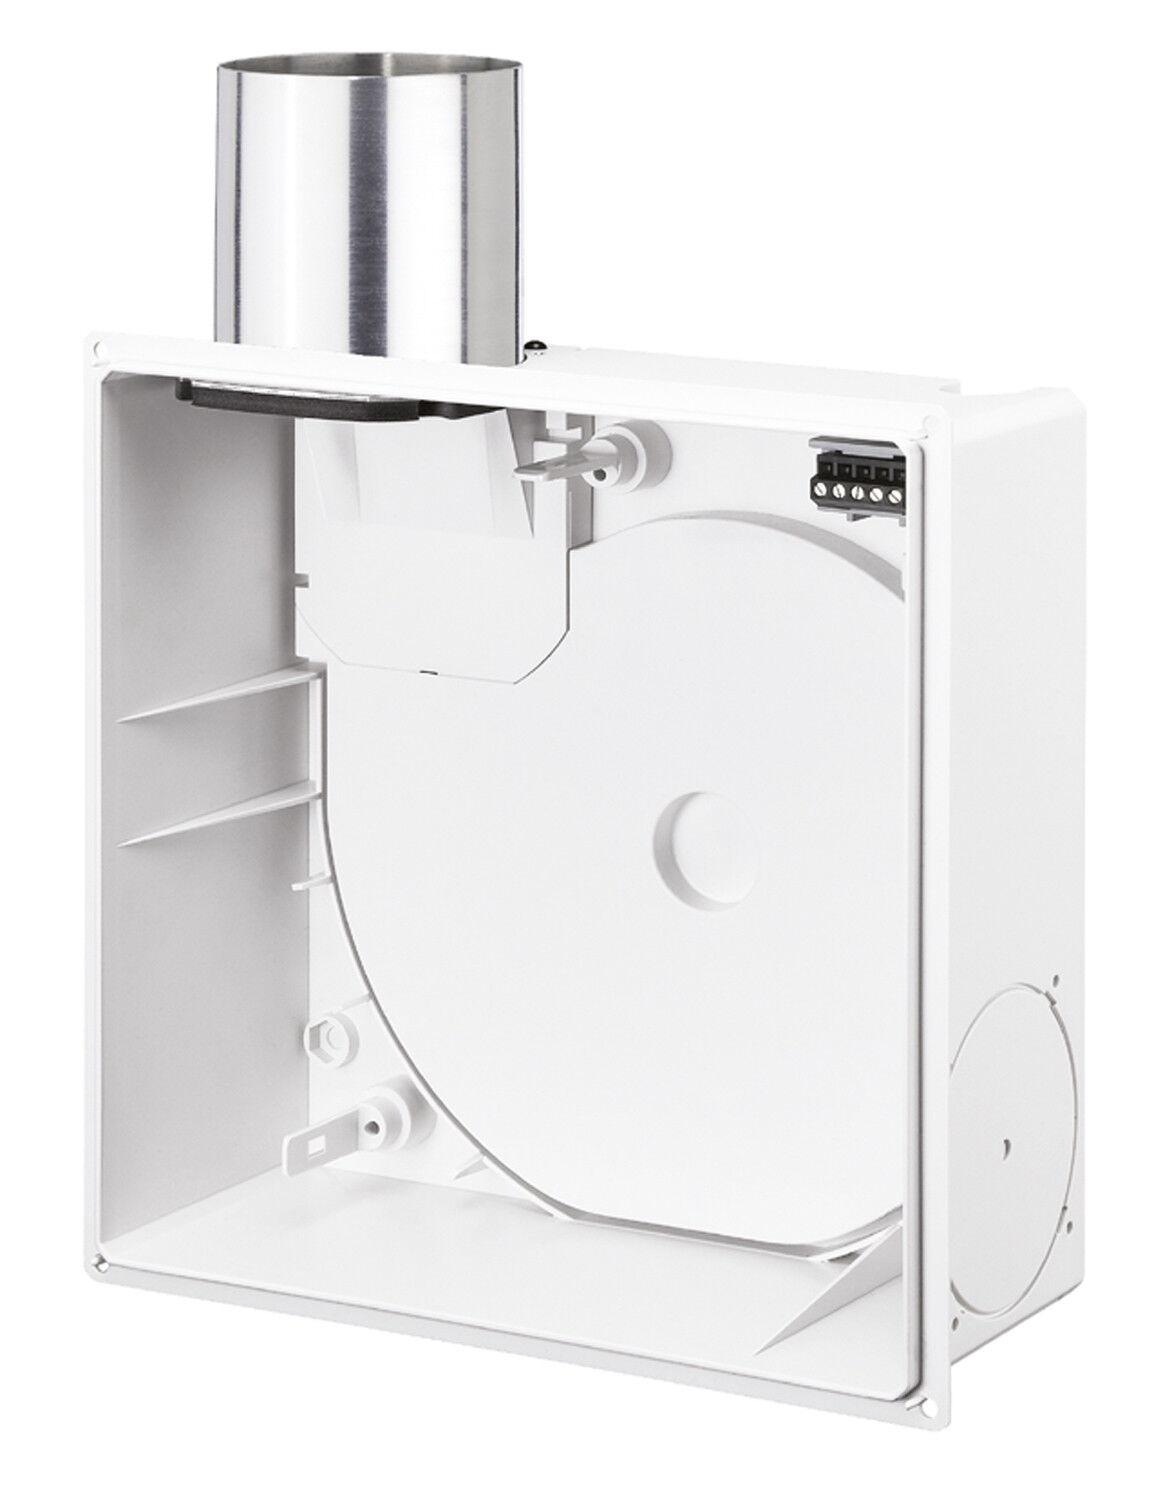 Helios Unterputzgehäuse ELS-GUBA mit Brandschutz-Element K90 8114     | Der neueste Stil  | Garantiere Qualität und Quantität  | Hochwertige Materialien